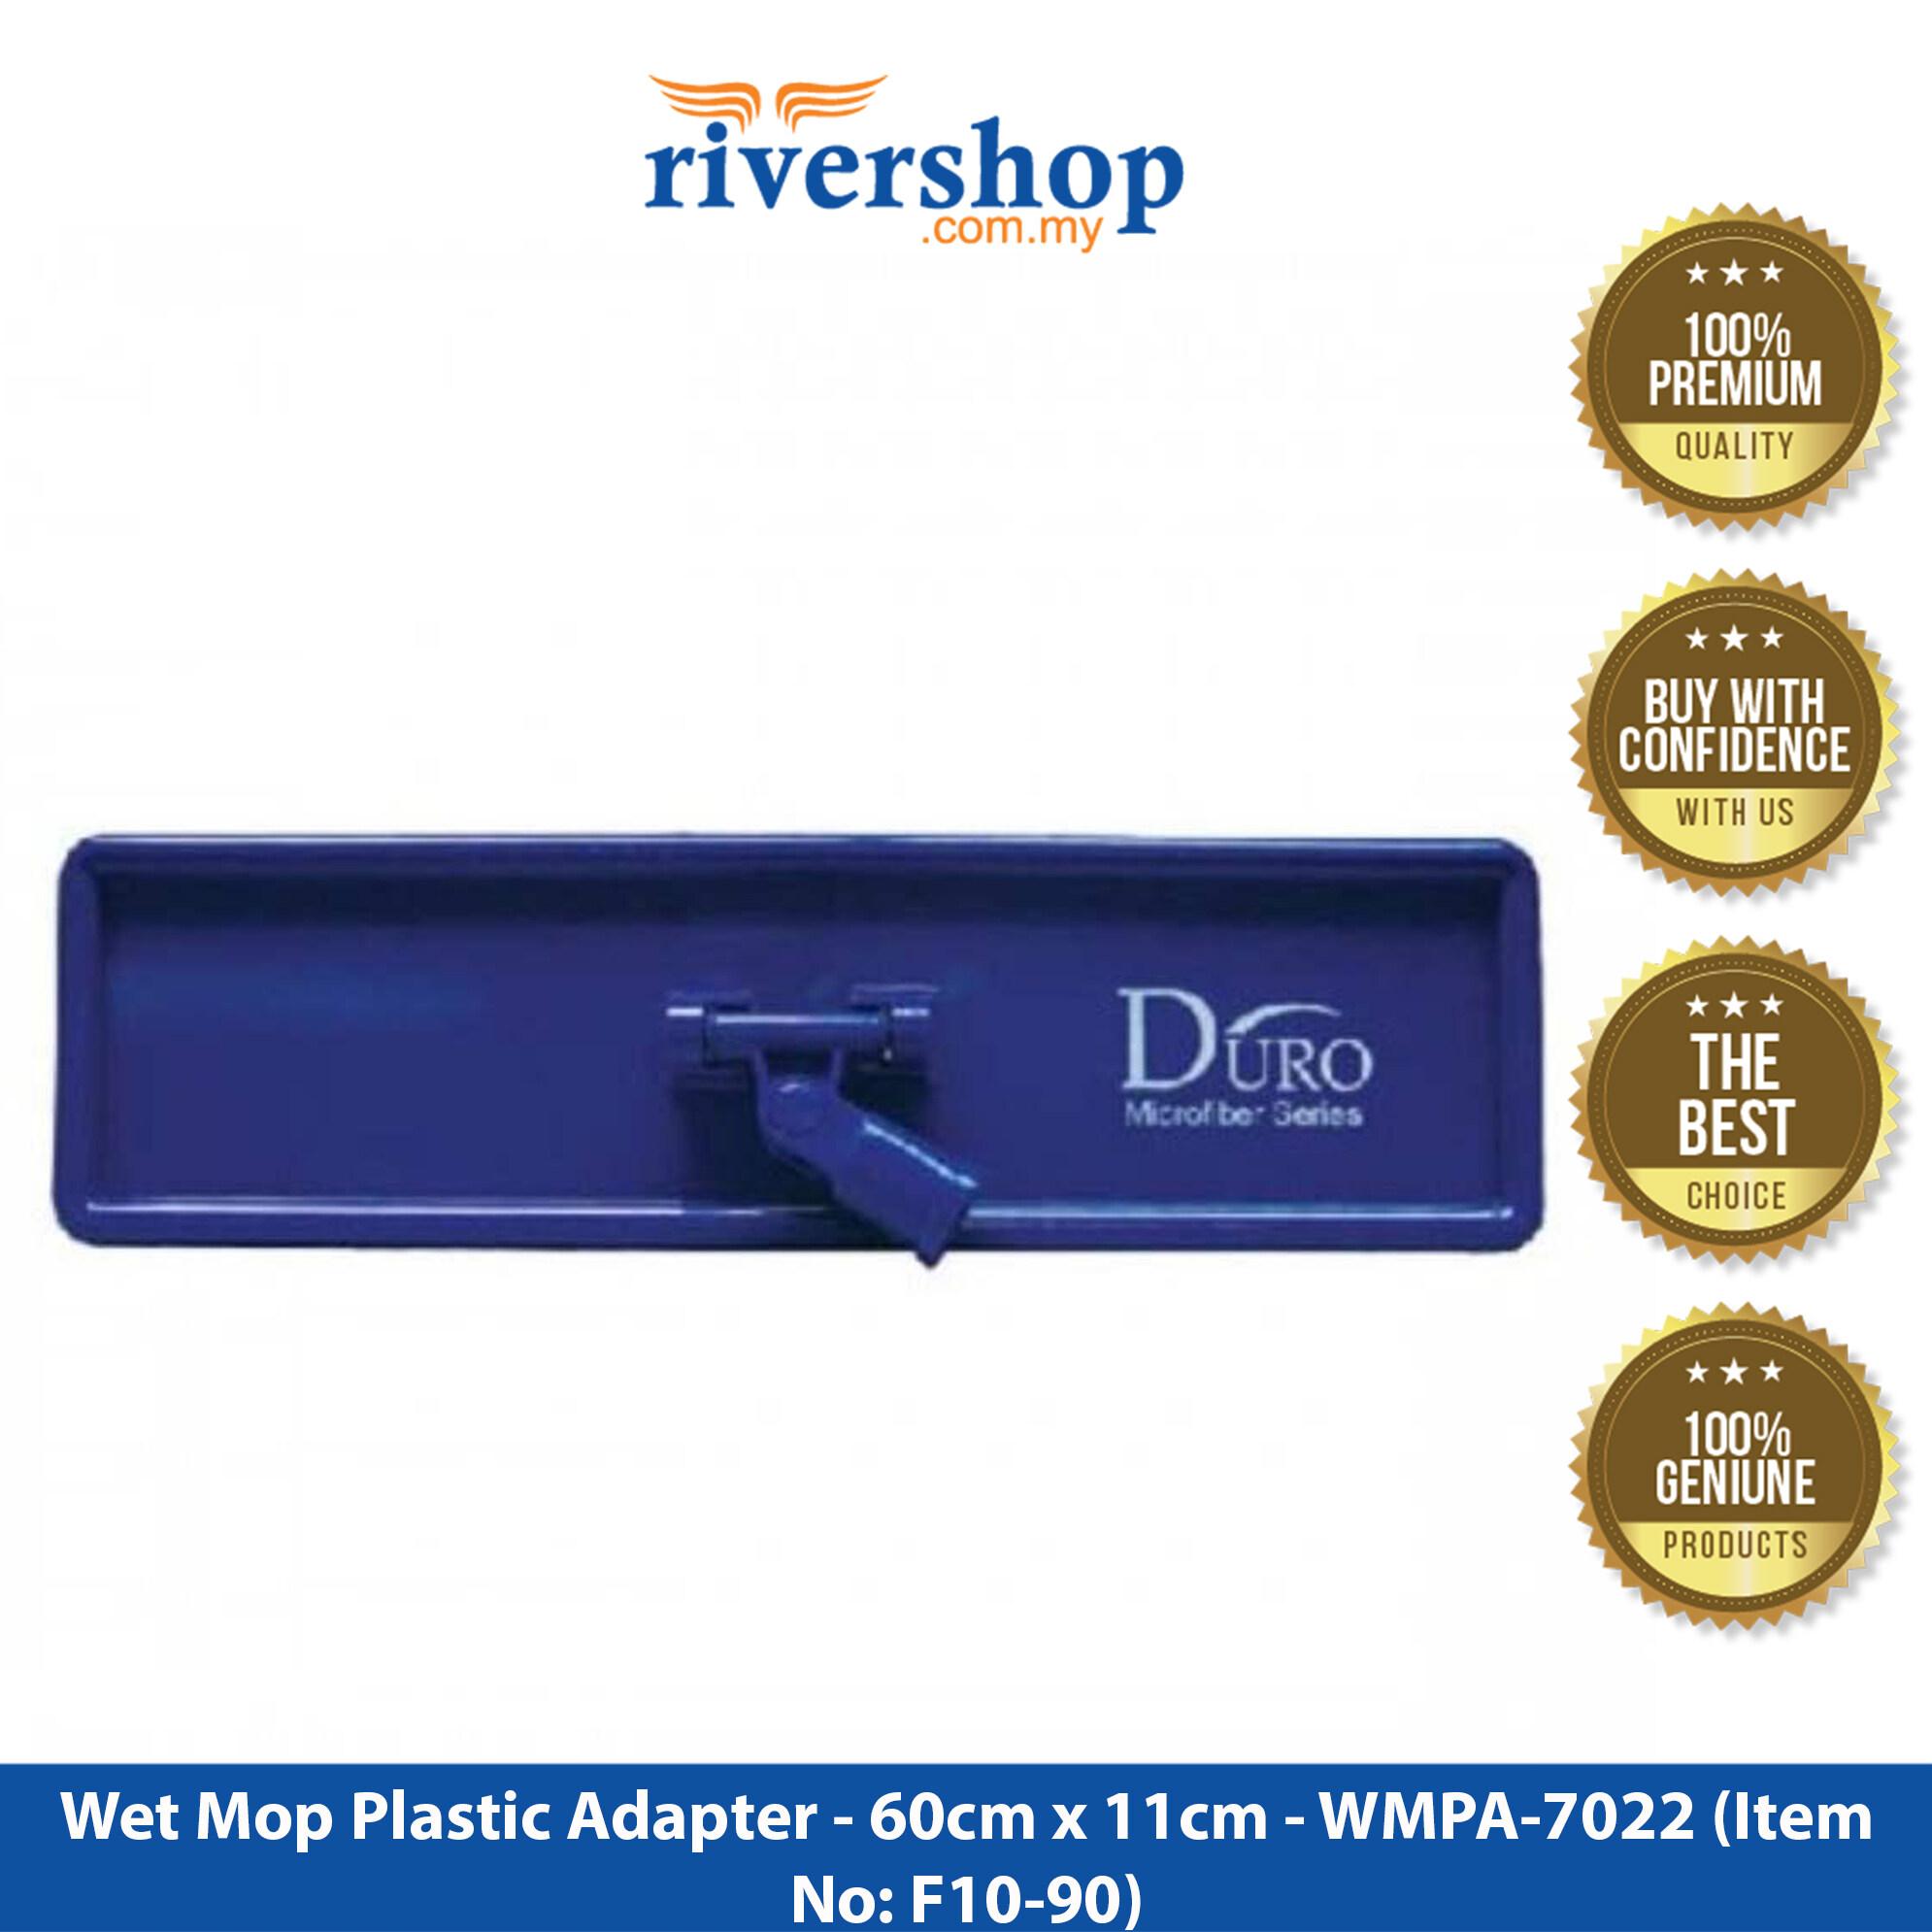 Wet Mop Plastic Adapter - 60cm x 11cm - WMPA-7022 (Item No: F10-90)